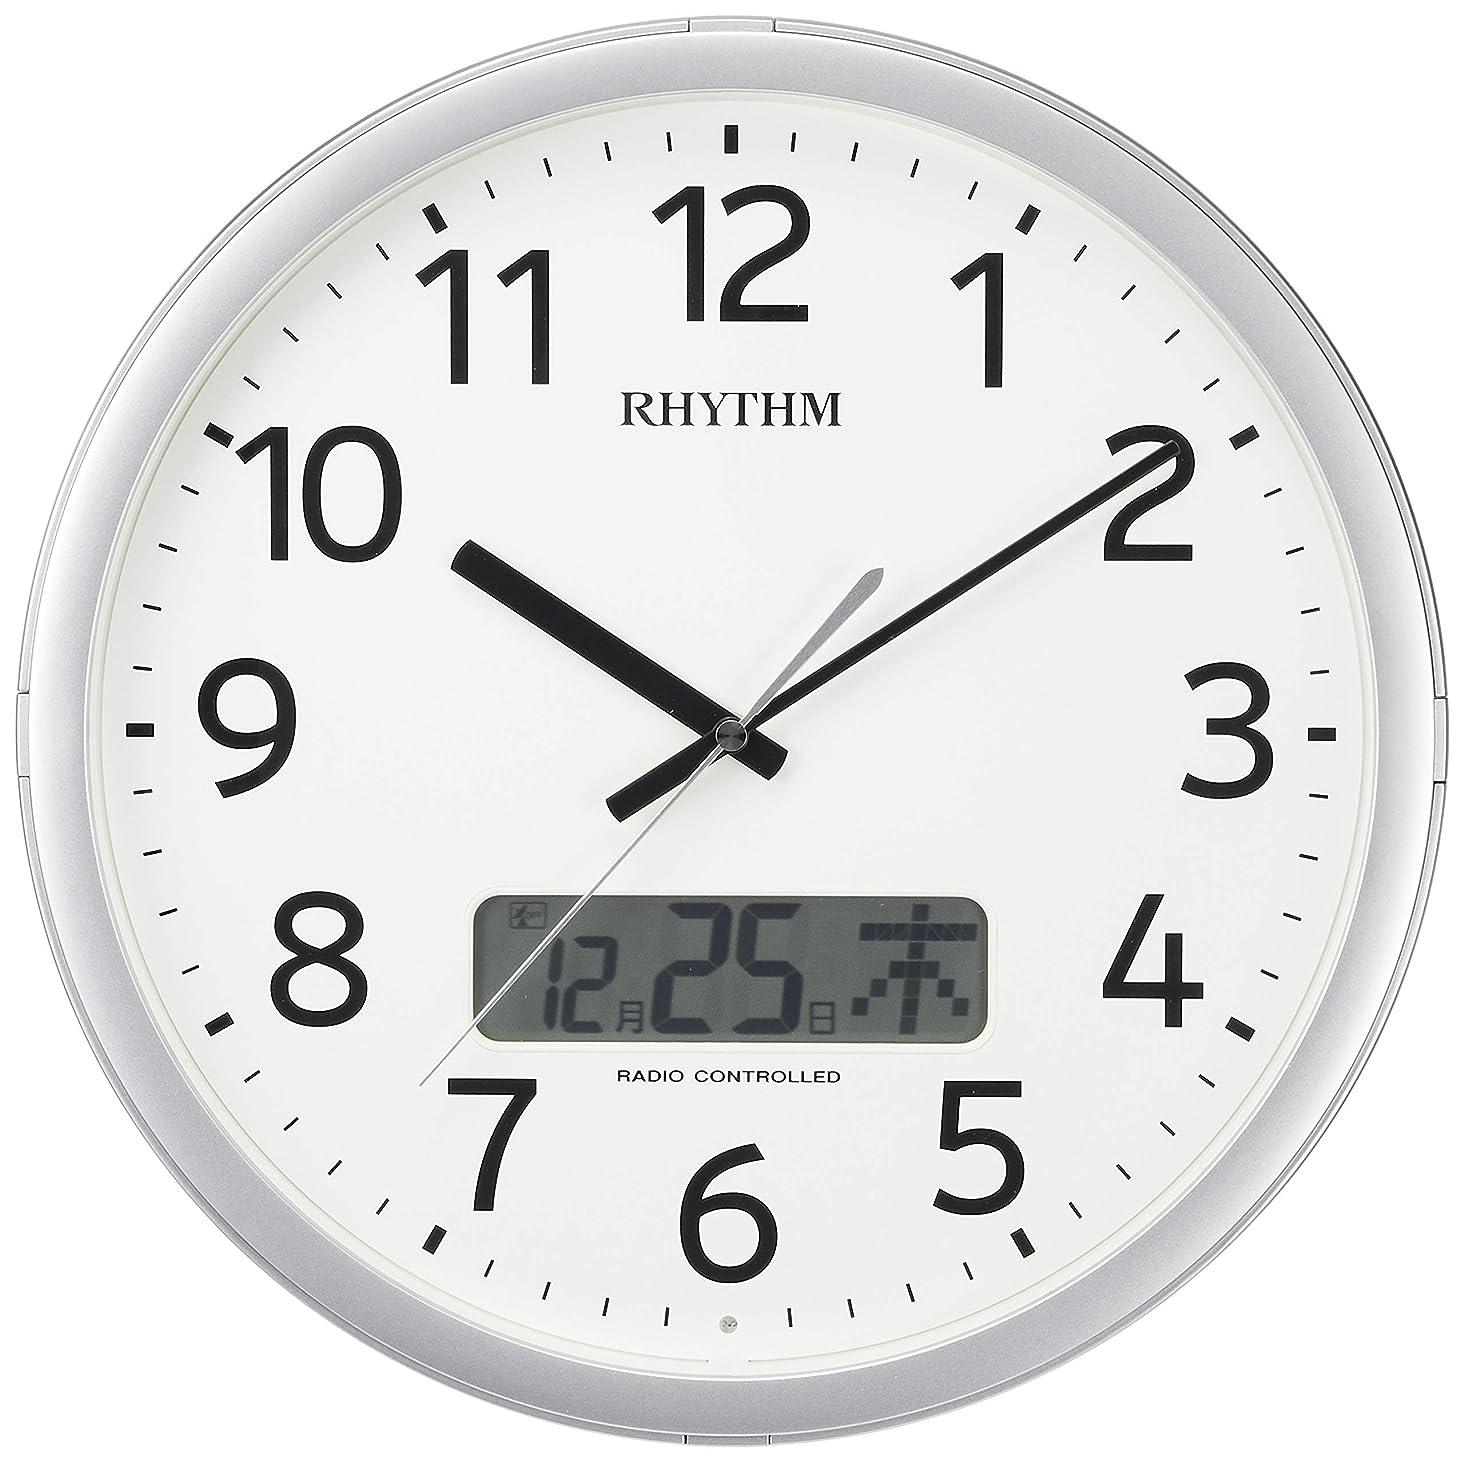 物思いにふけるドックしなやかな掛け時計 電波時計 チャイム付き プログラムカレンダー01SR シルバー リズム時計 4FNA01SR19